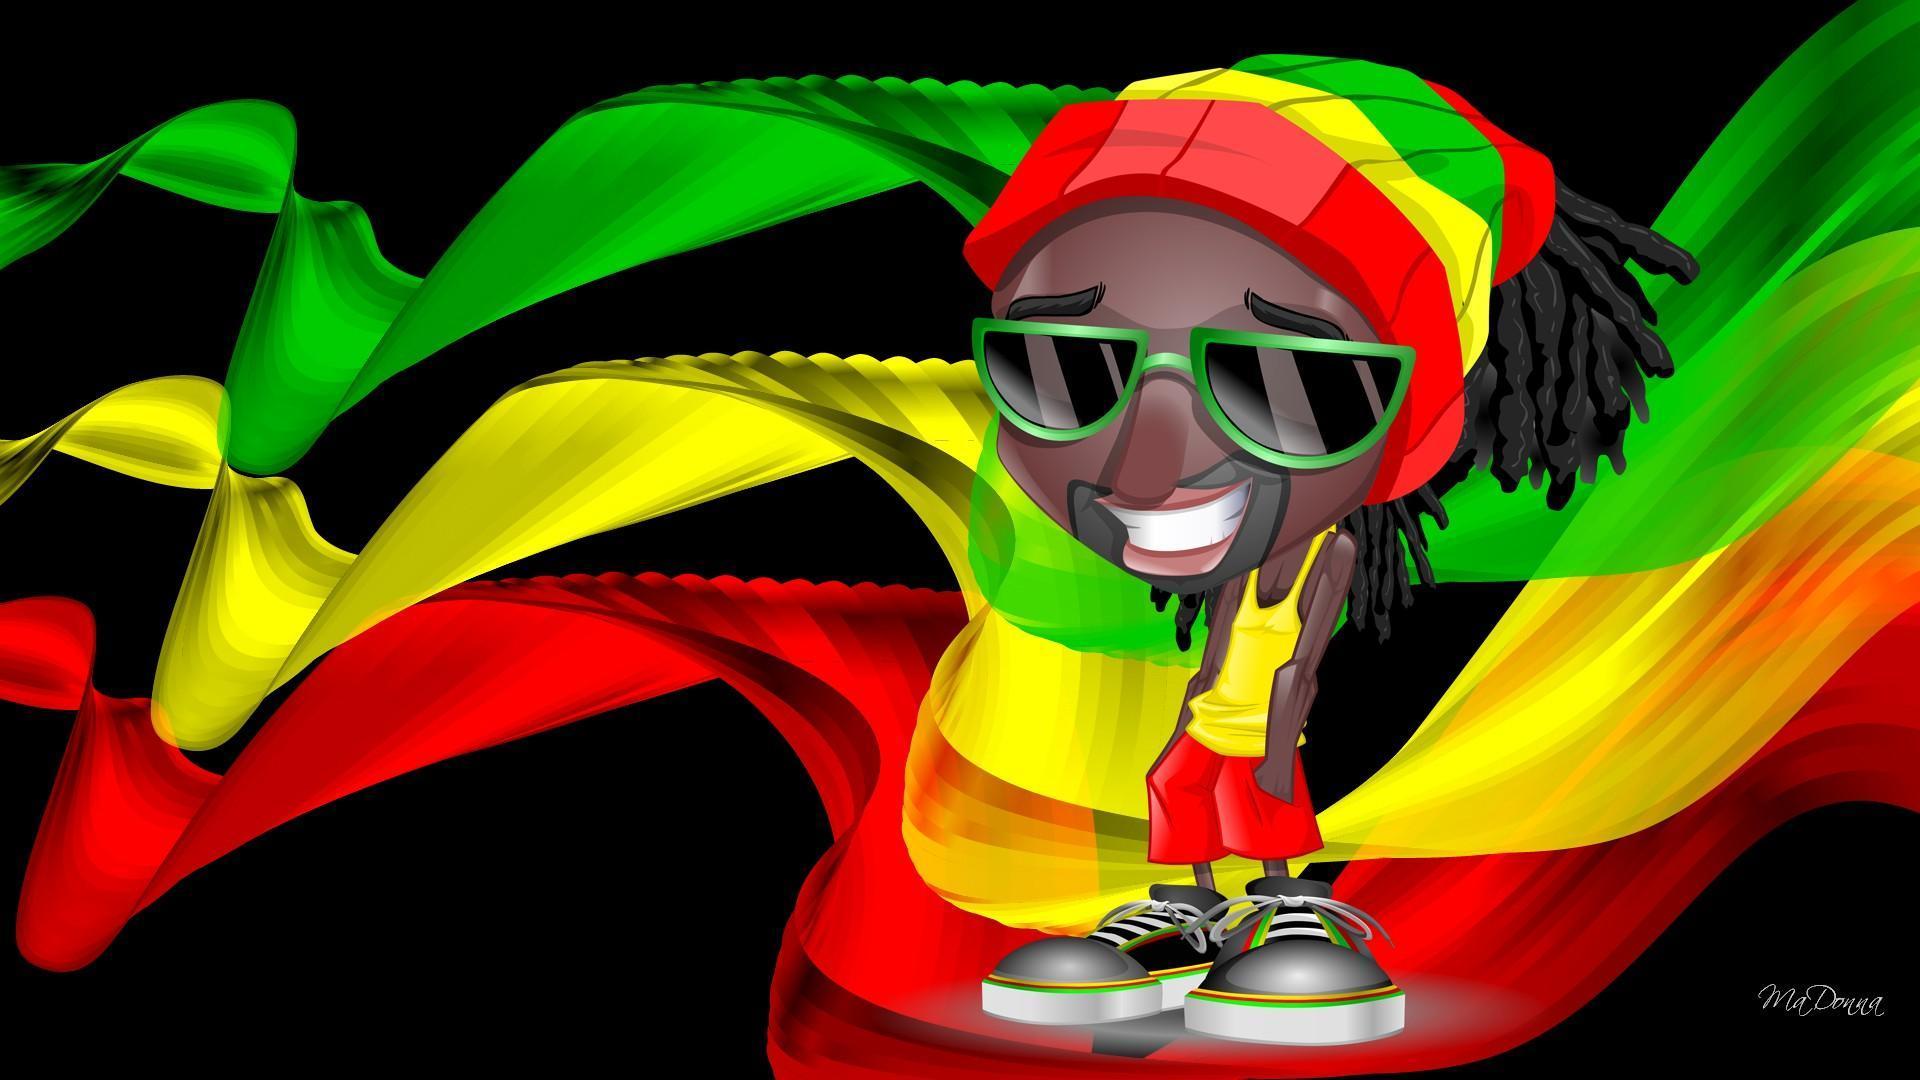 Wallpapers Reggae Rasta - Wallpaper Cave